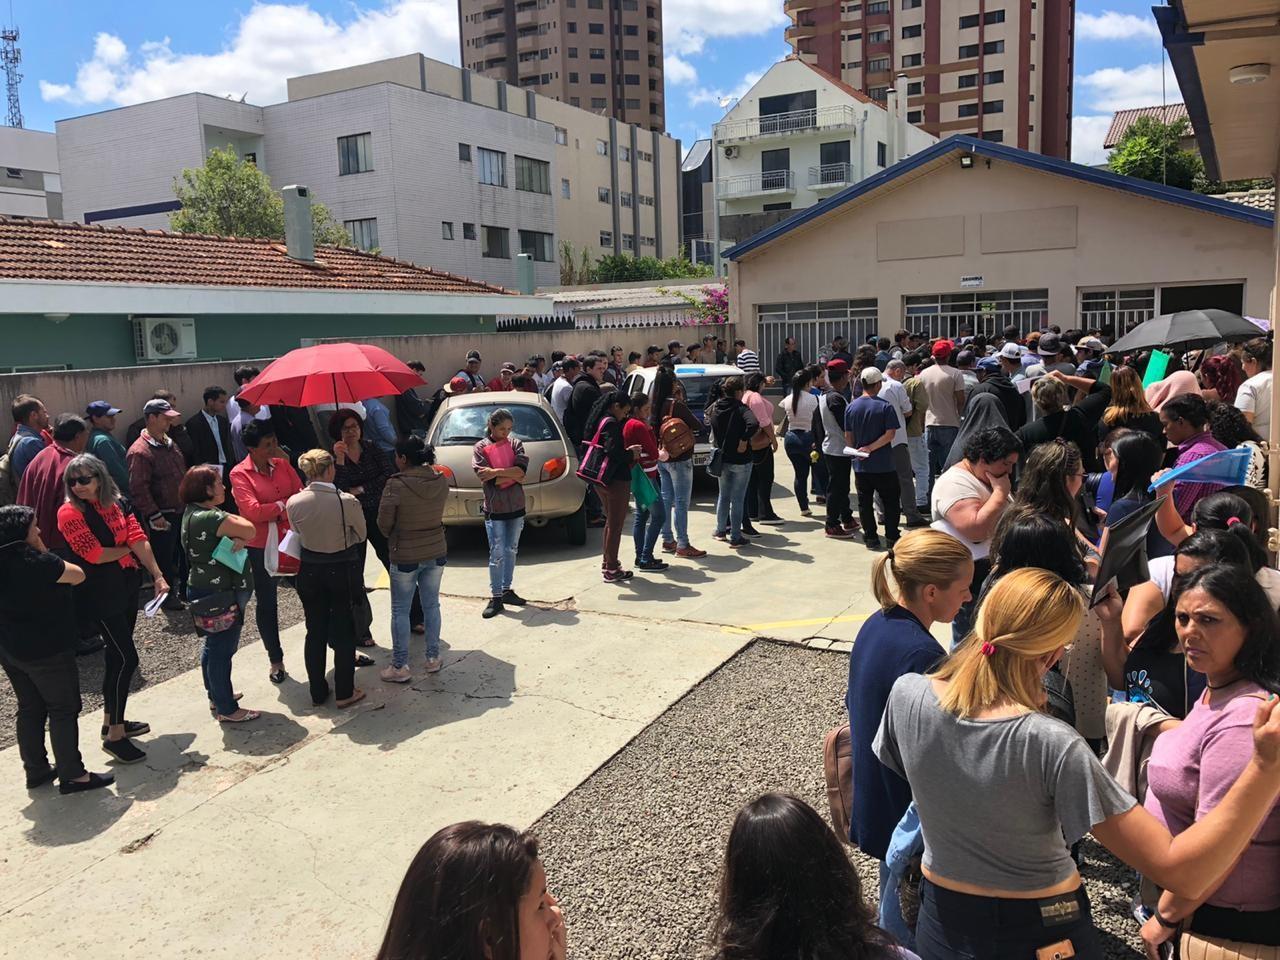 Empresa recruta trabalhadores para 70 vagas temporárias, em Guarapuava - Notícias - Plantão Diário